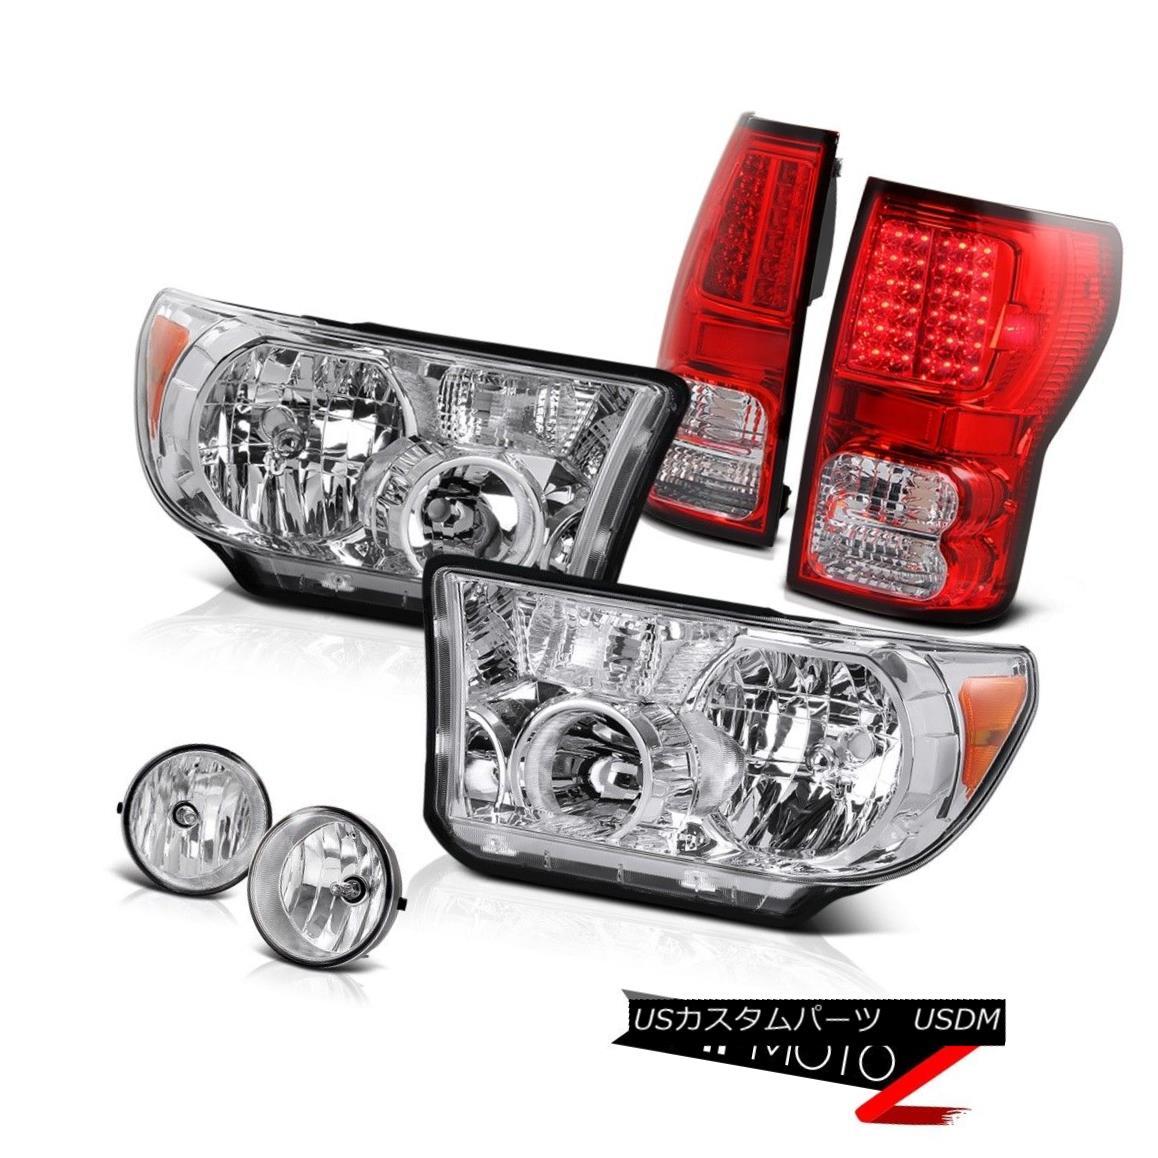 ヘッドライト 07-13 Toyota Tundra Clear L+R Replacement Headlamp+Led Tail Light+Fog Lamp 07-13トヨタトンドラクリアL + R交換ヘッドランプ+ Ledテールライト+フォグランプ